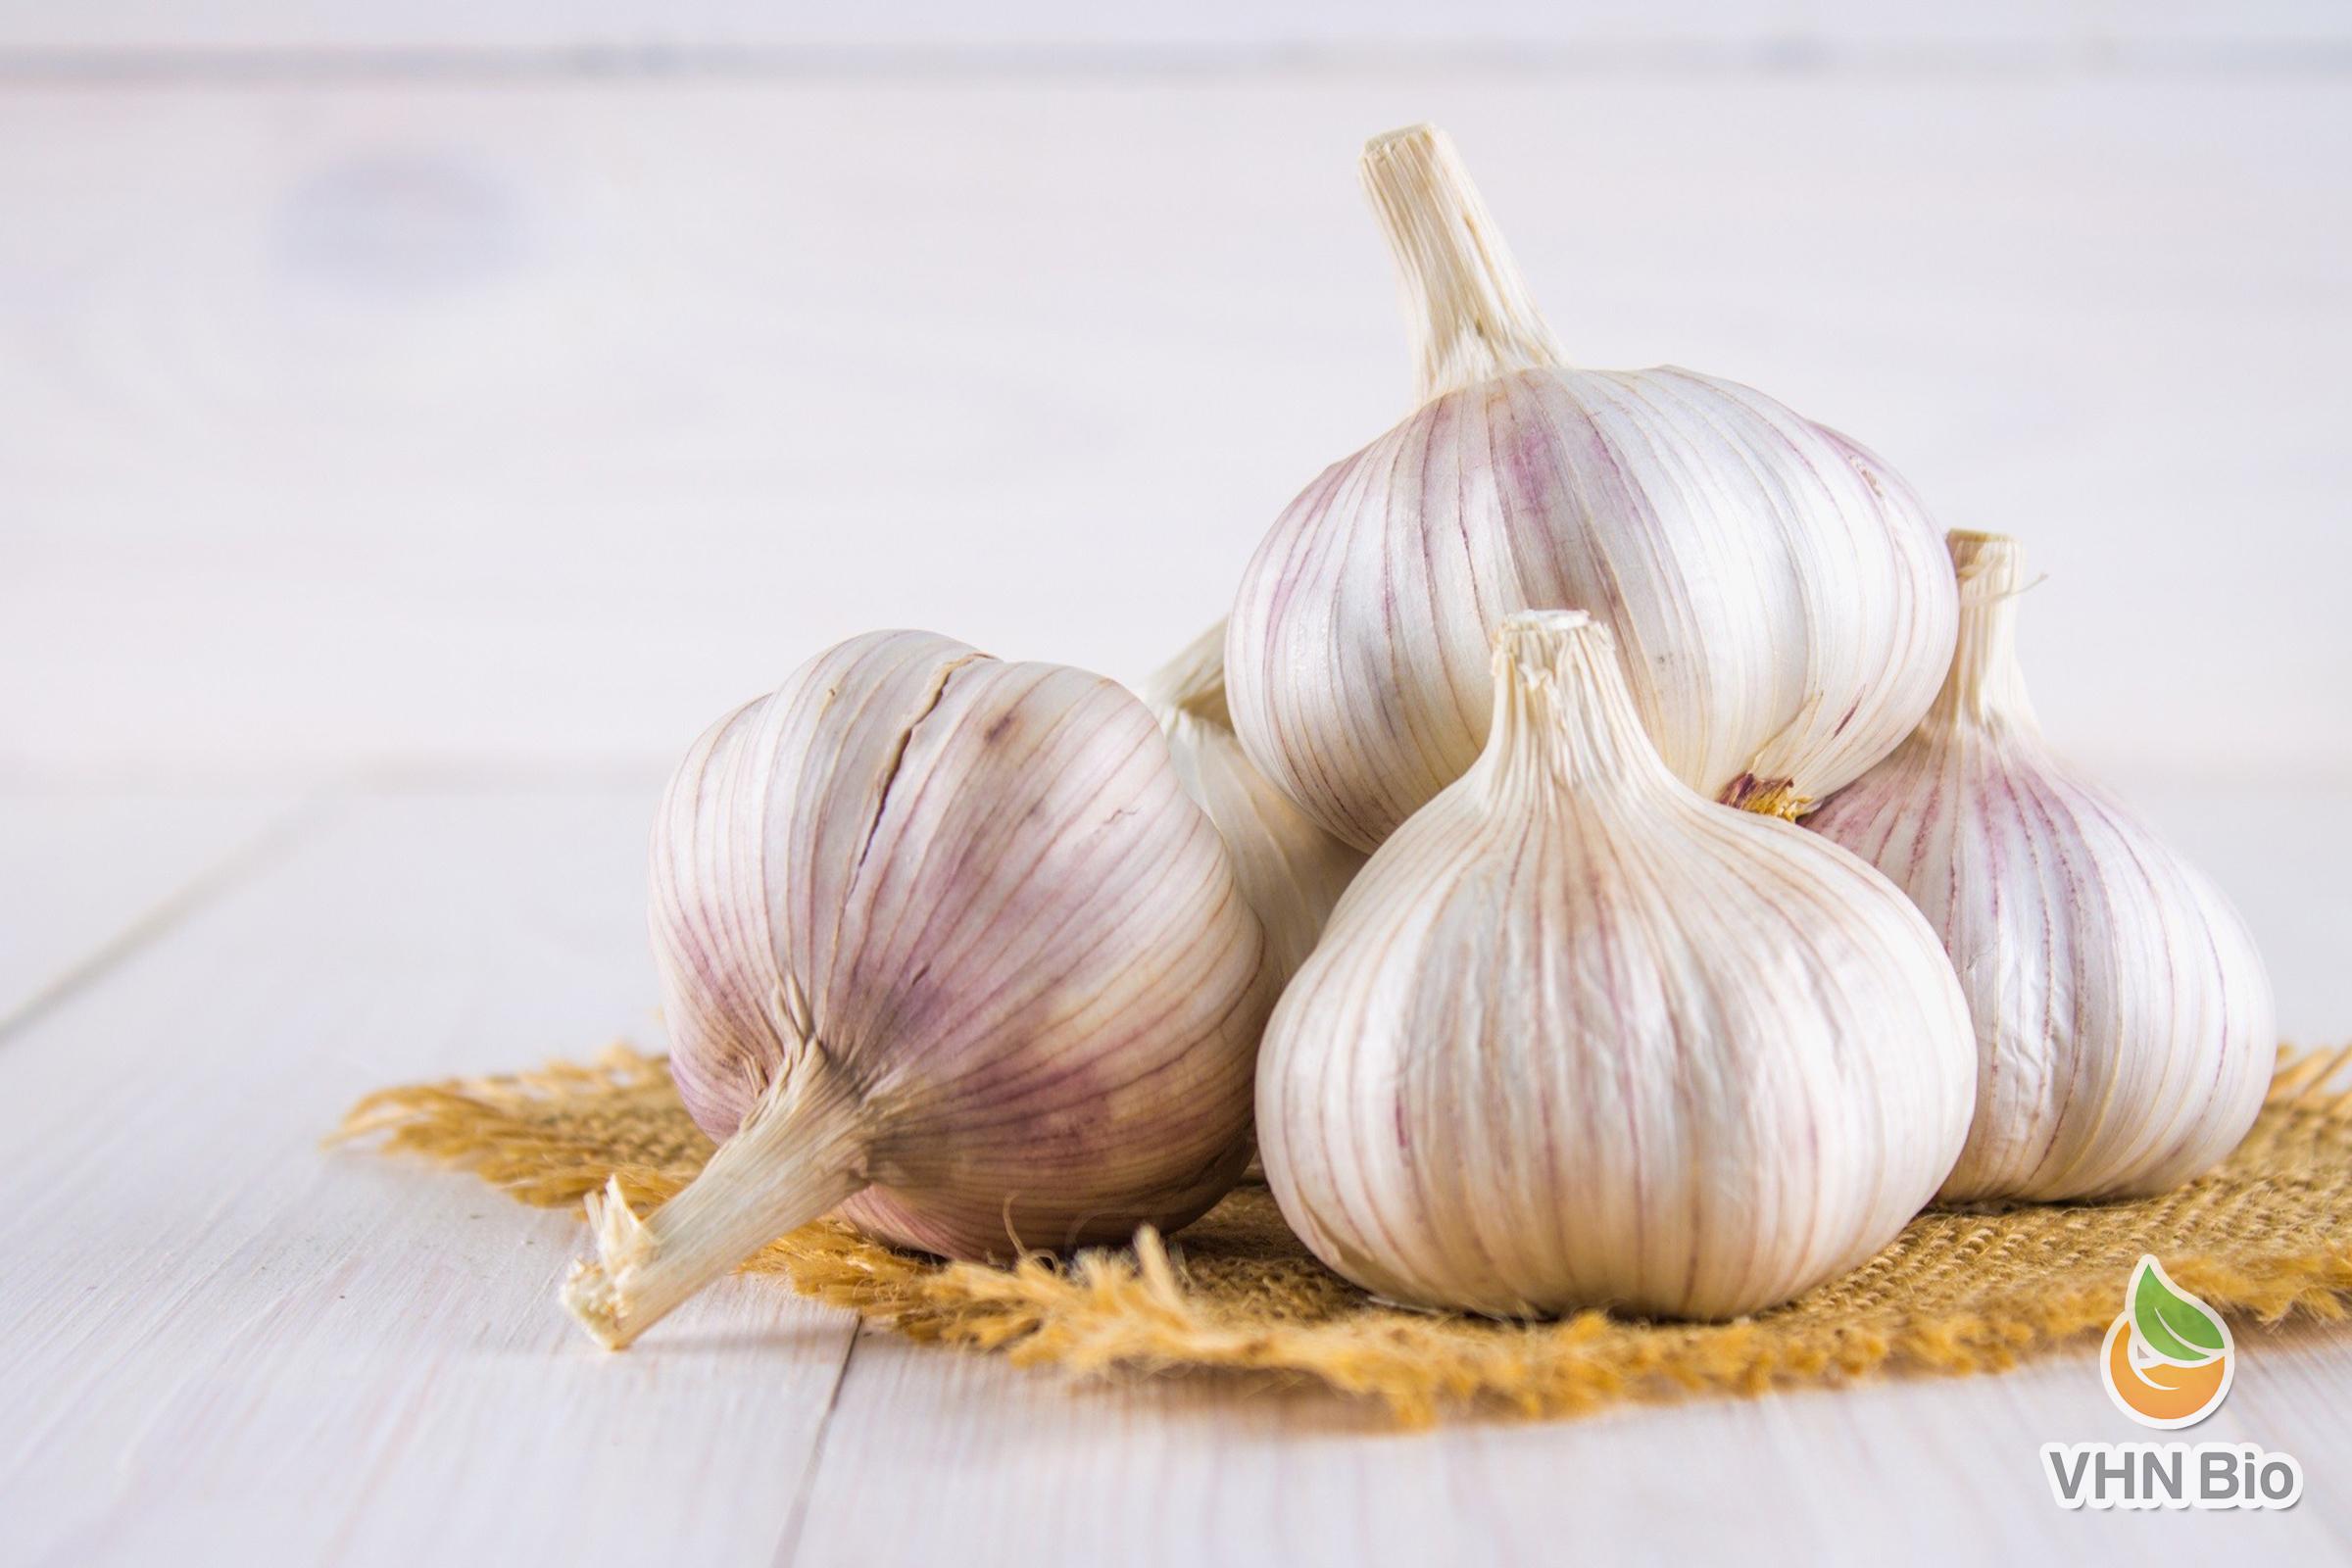 Danh sách những thức ăn tăng cường hệ miễn dịch